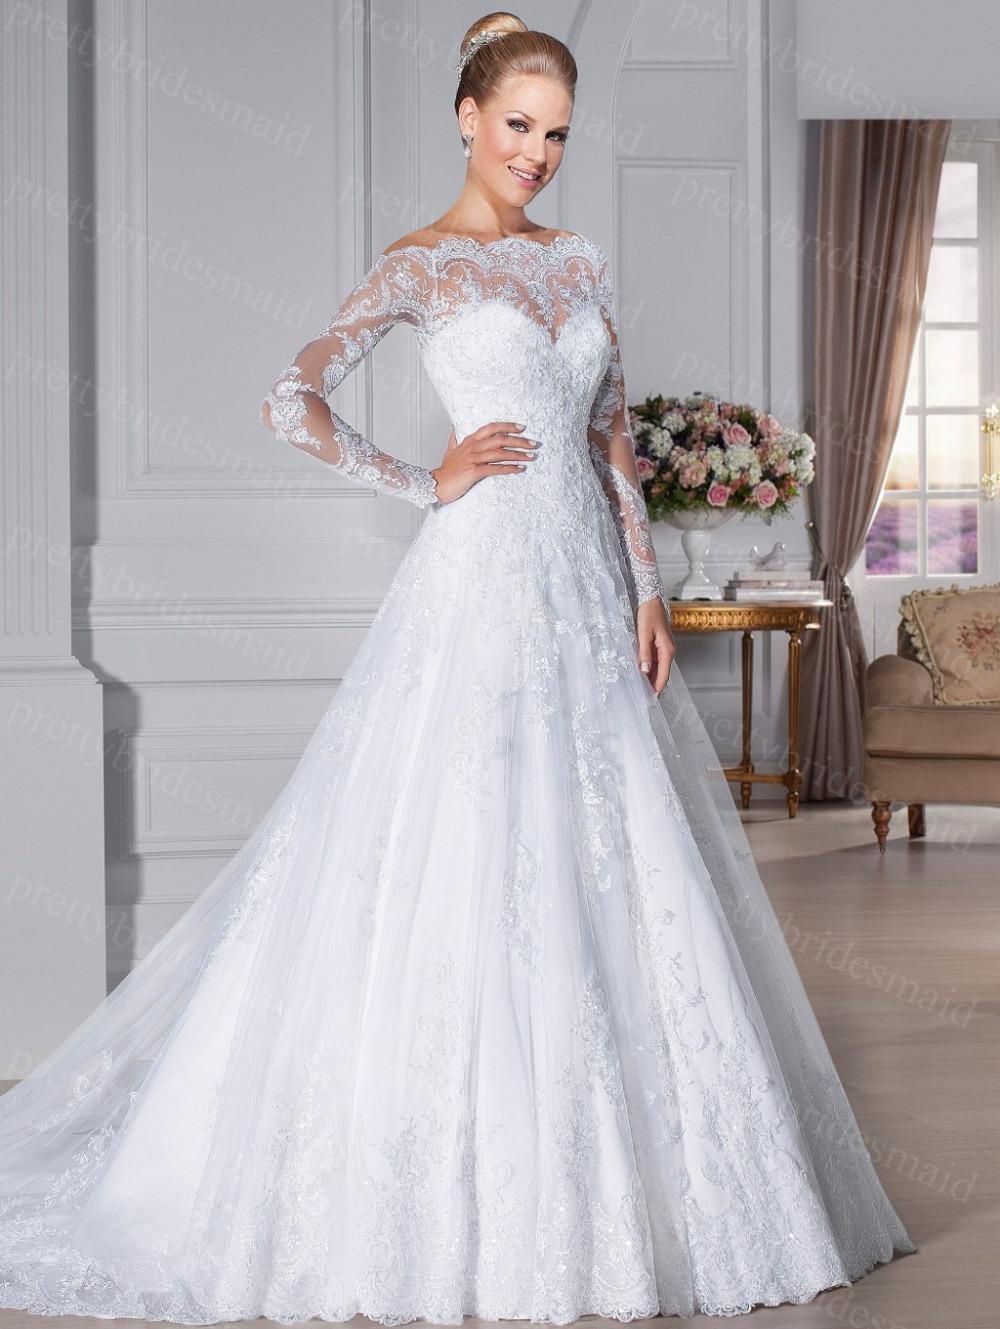 Hochzeitskleid Fee  Bilders